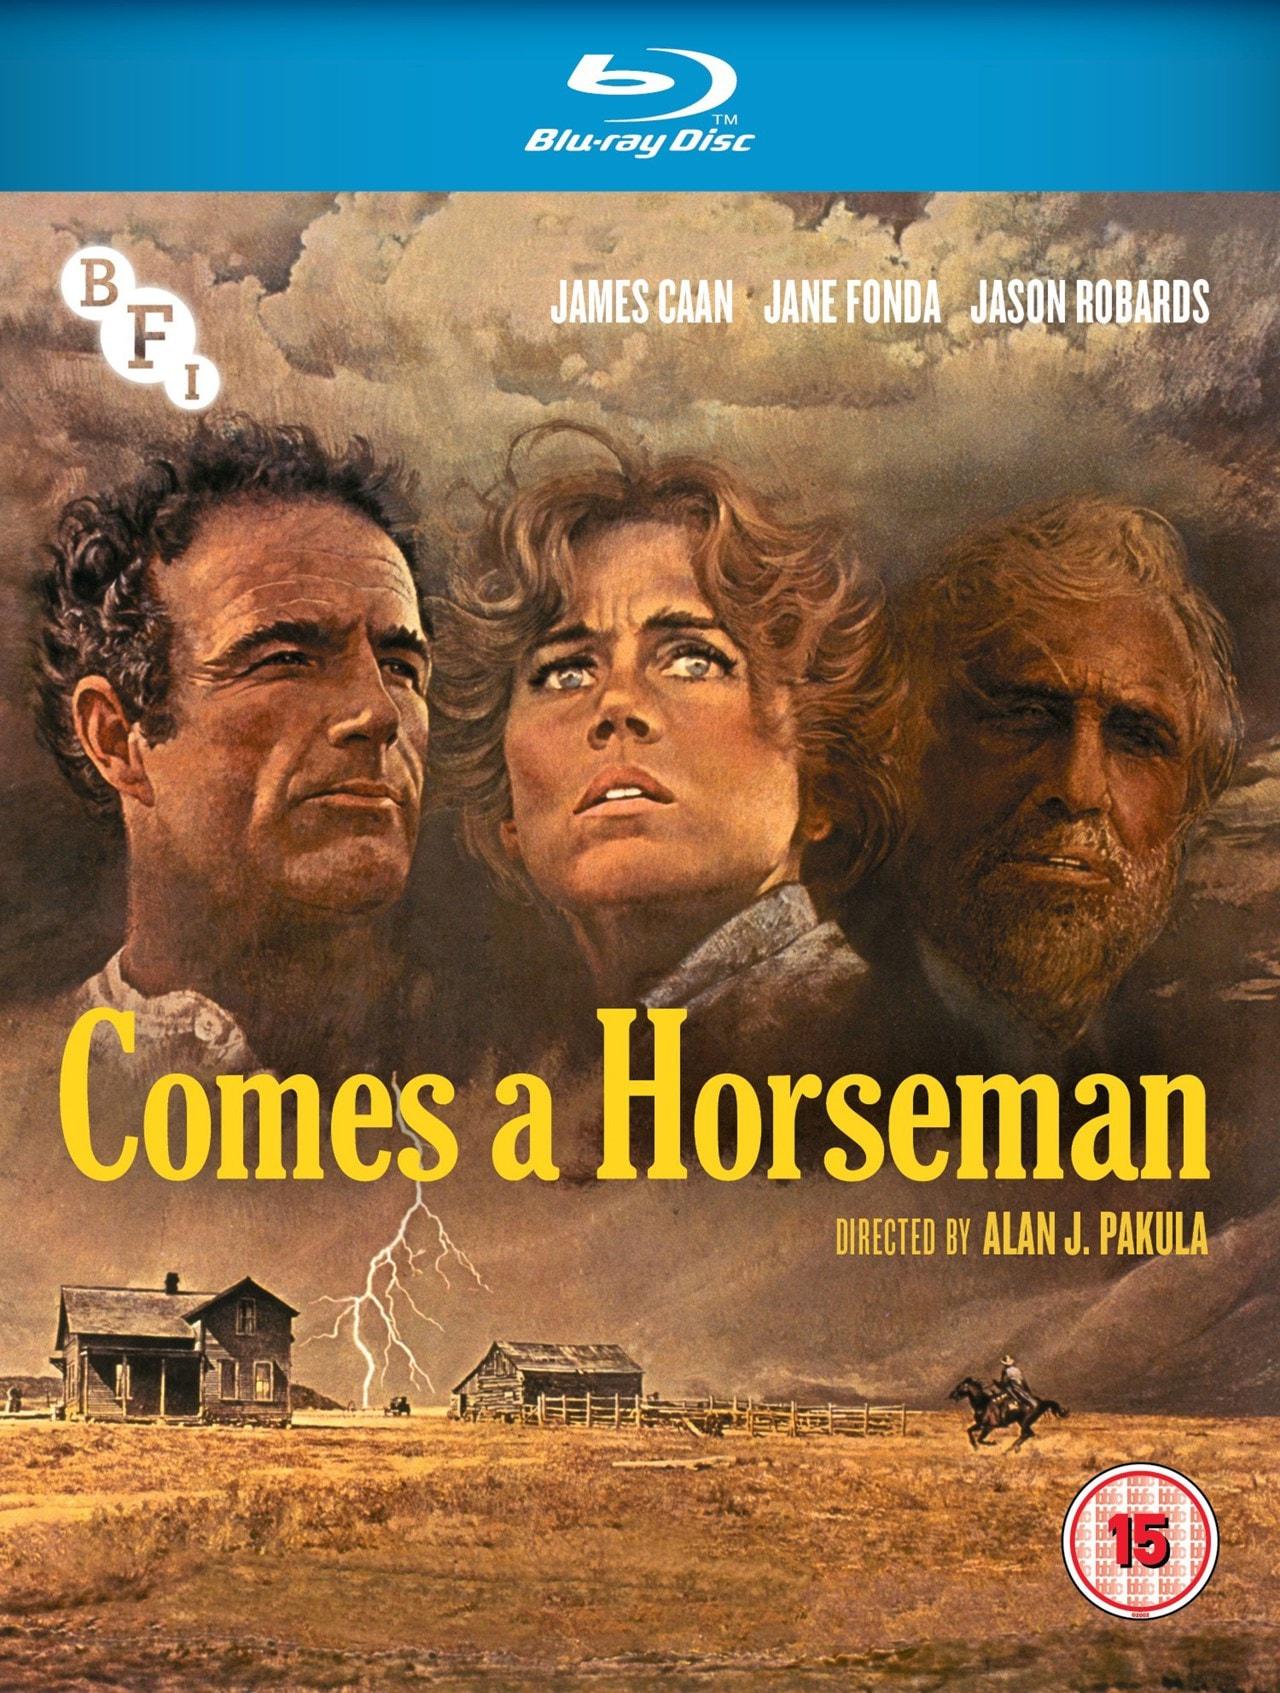 Comes a Horseman - 1